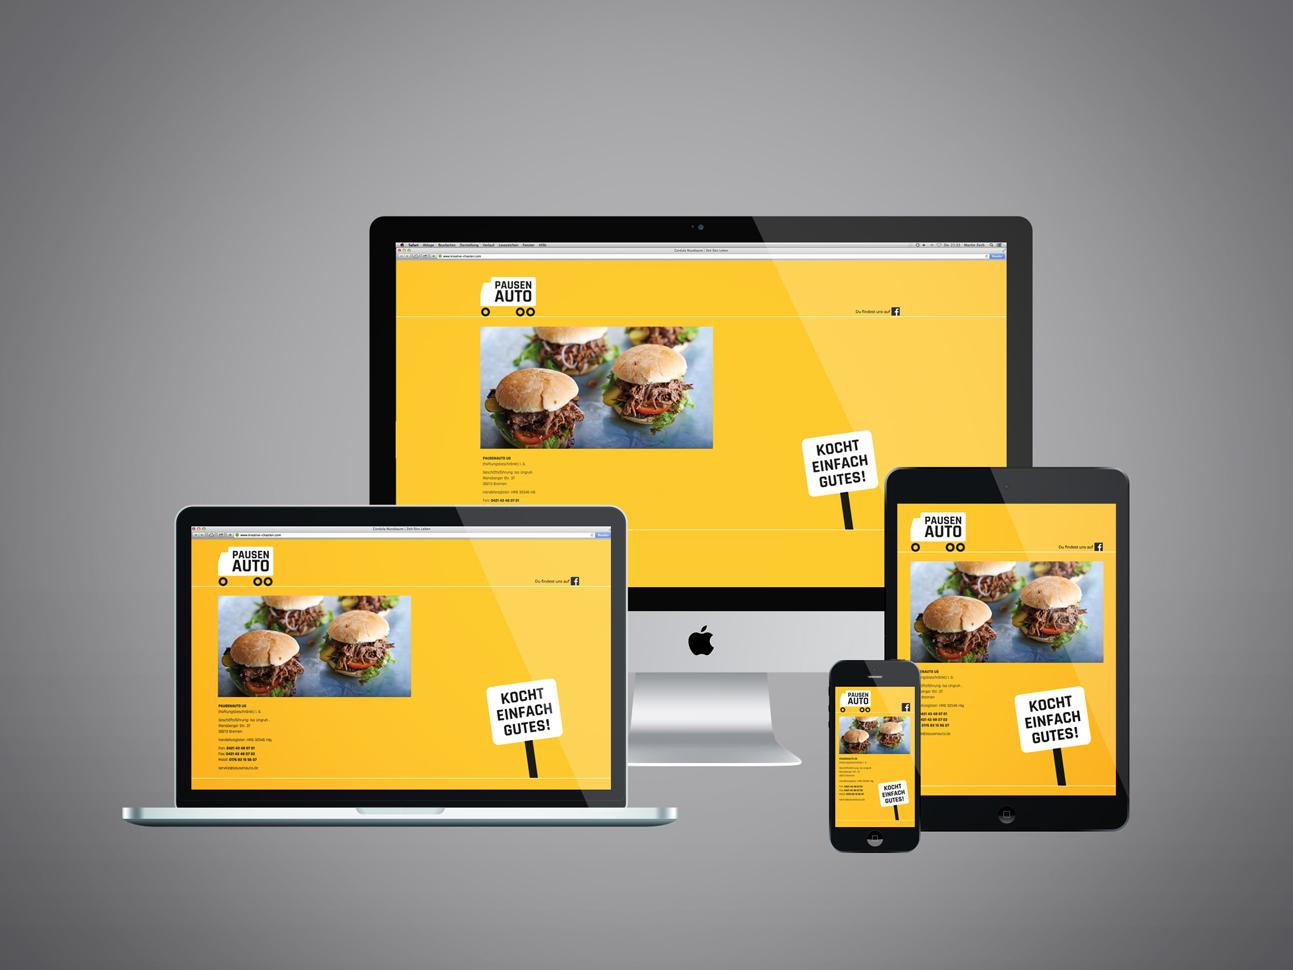 martin zech design, pausenauto, website